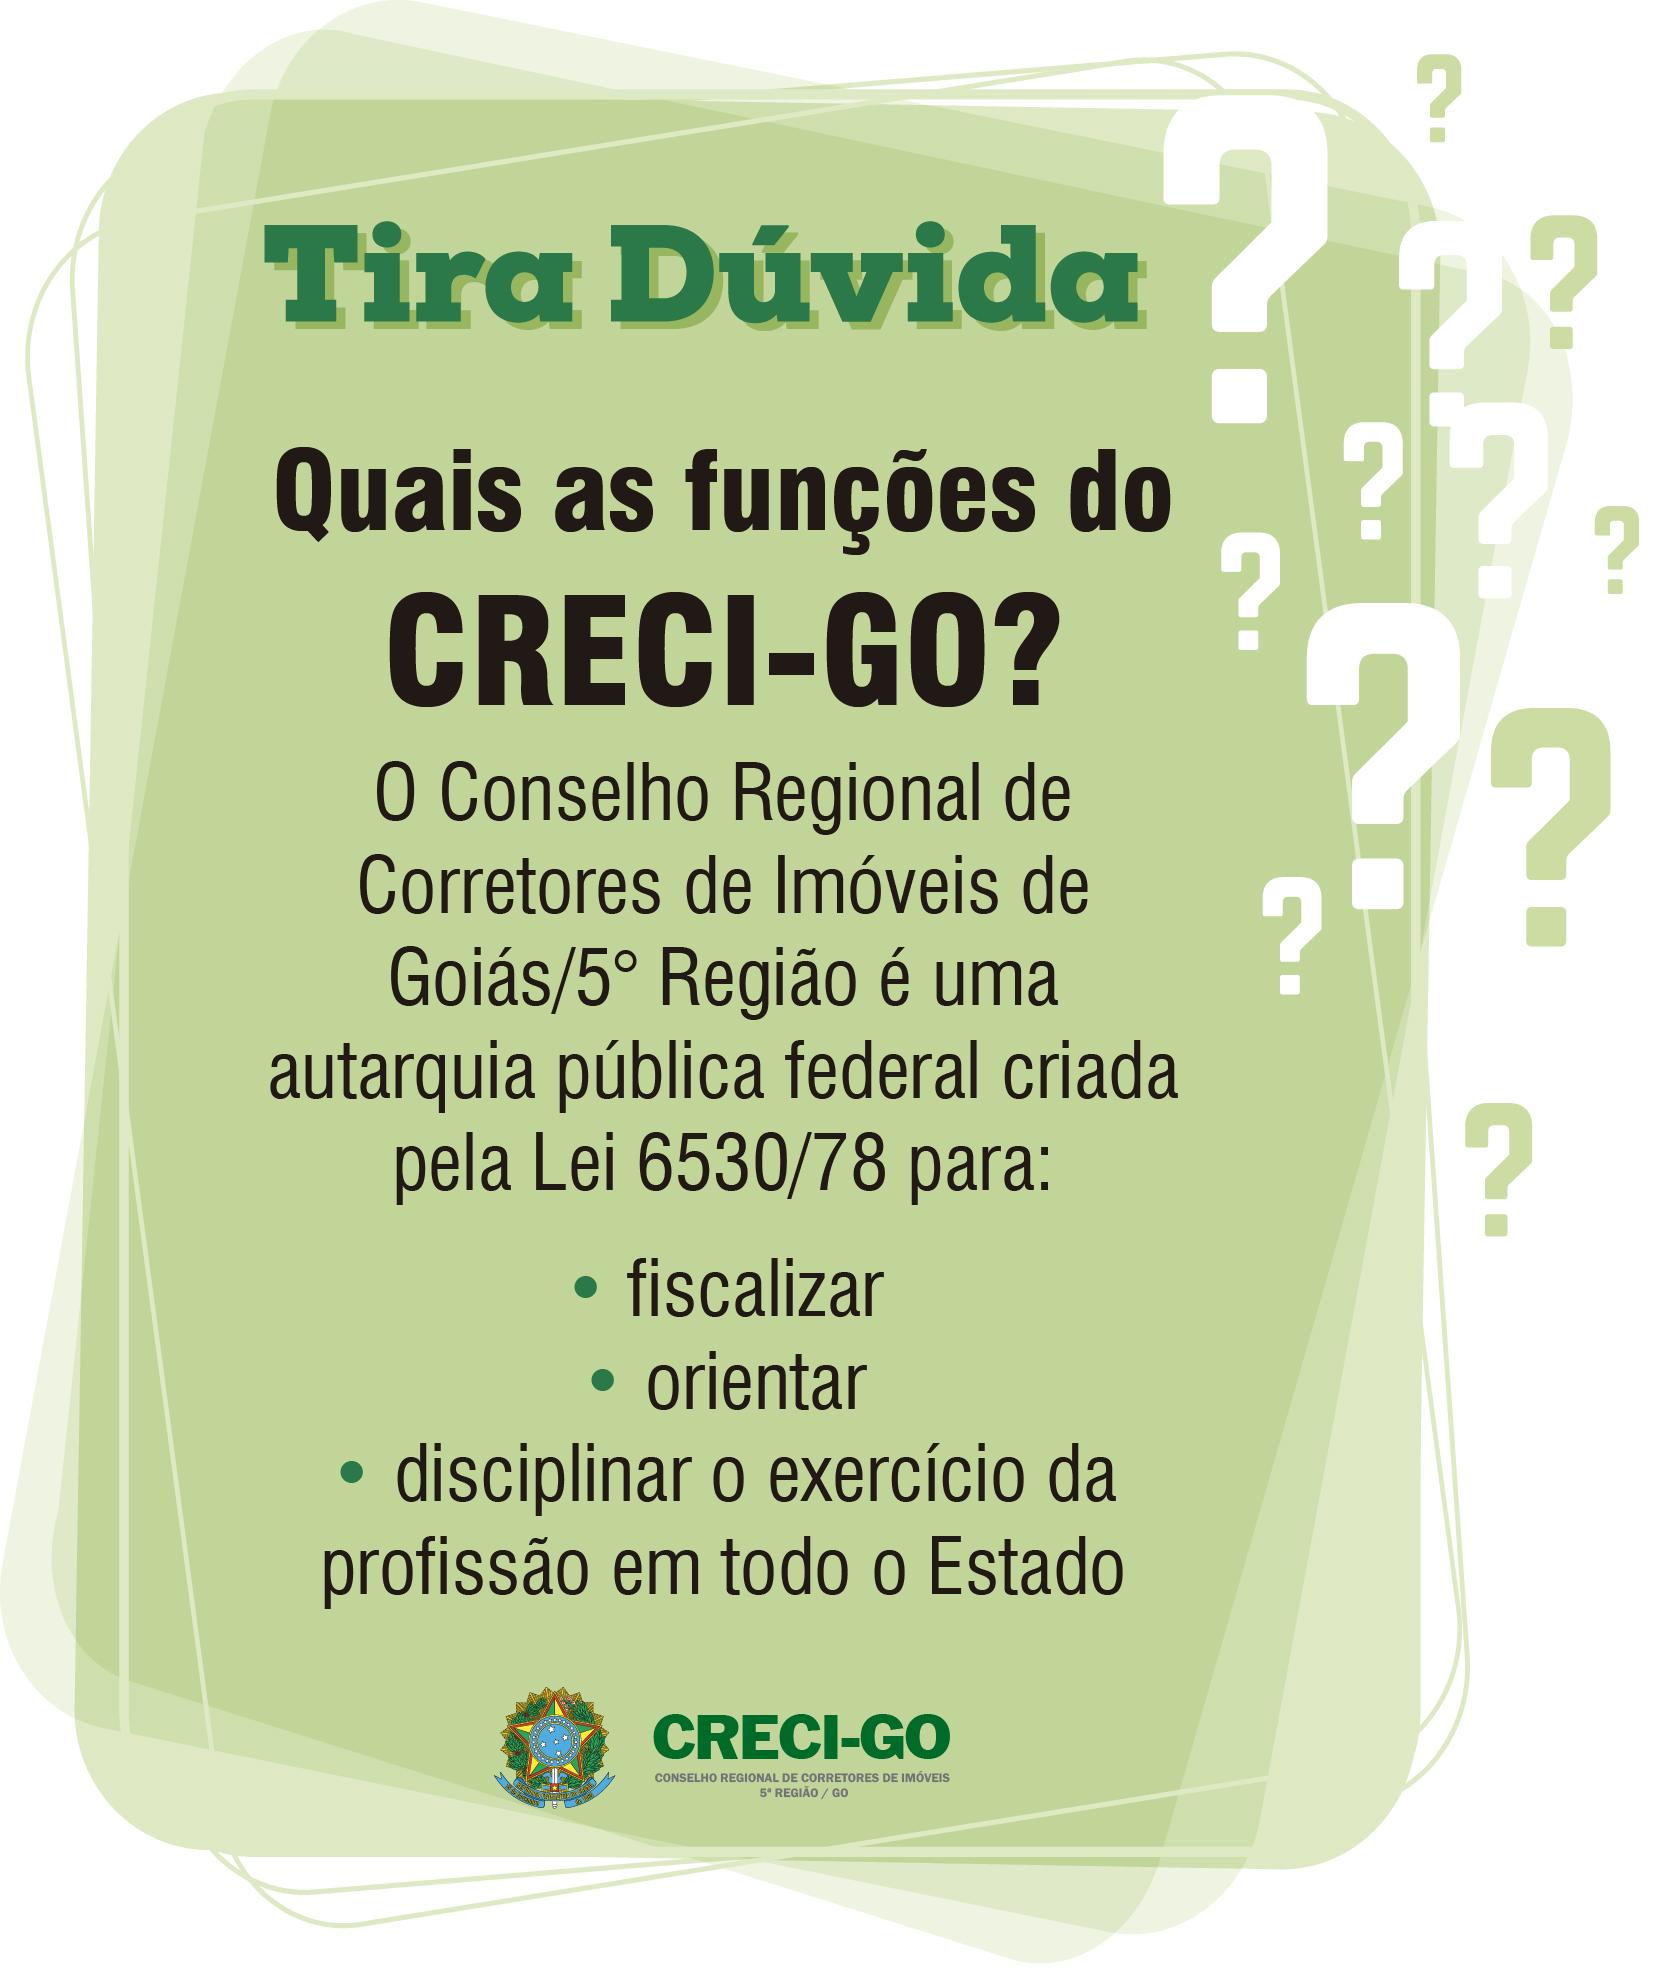 CRECI-GO lança campanha de esclarecimento | Creci-GO